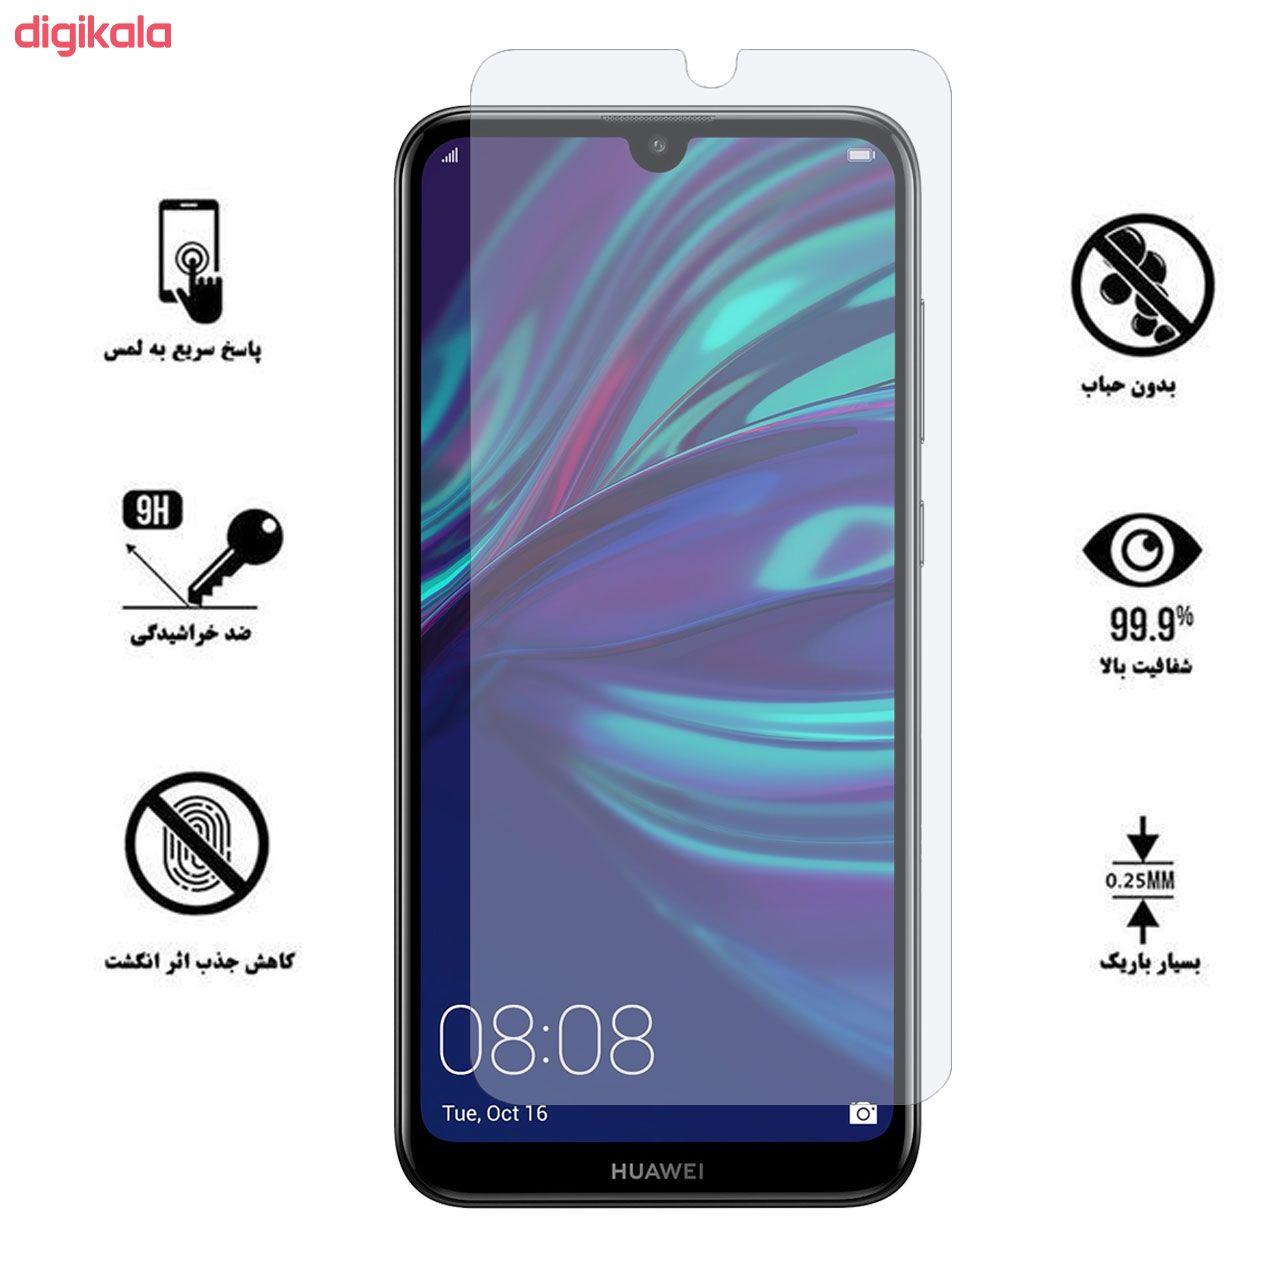 محافظ صفحه نمایش هورس مدل UCC مناسب برای گوشی موبایل هوآوی Y7 Prime 2019 main 1 5